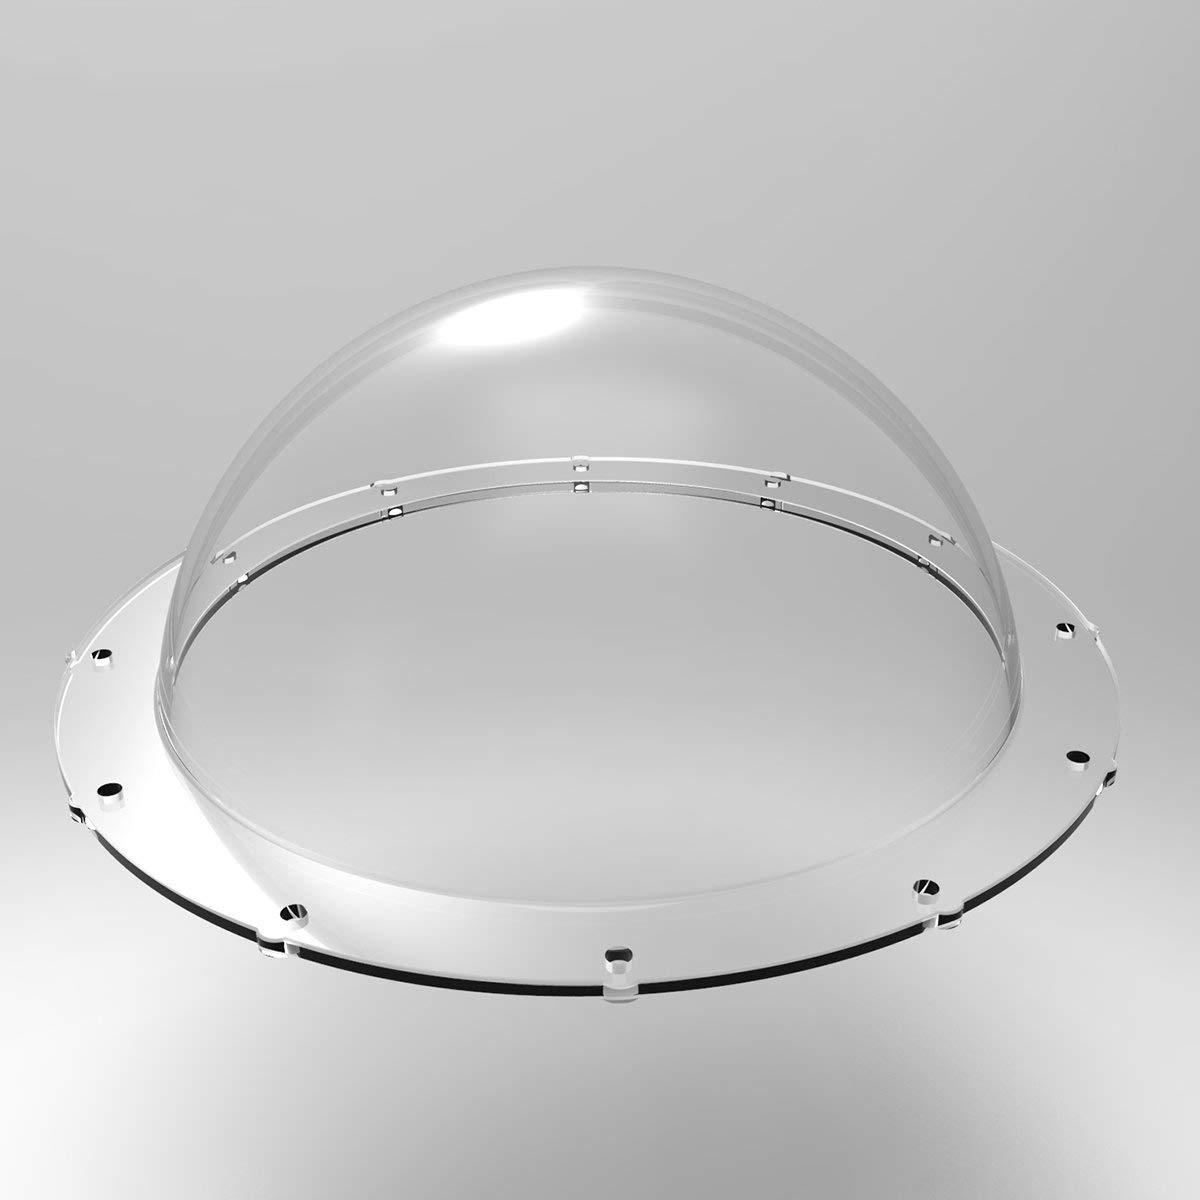 Tapa de Repuesto TELESIN 6 Dome Port C/úpula Impermeable Cubierta Transparente Carcasa de Lente con Empu/ñadura y Gatillo Pistola y Bolsa Protectora